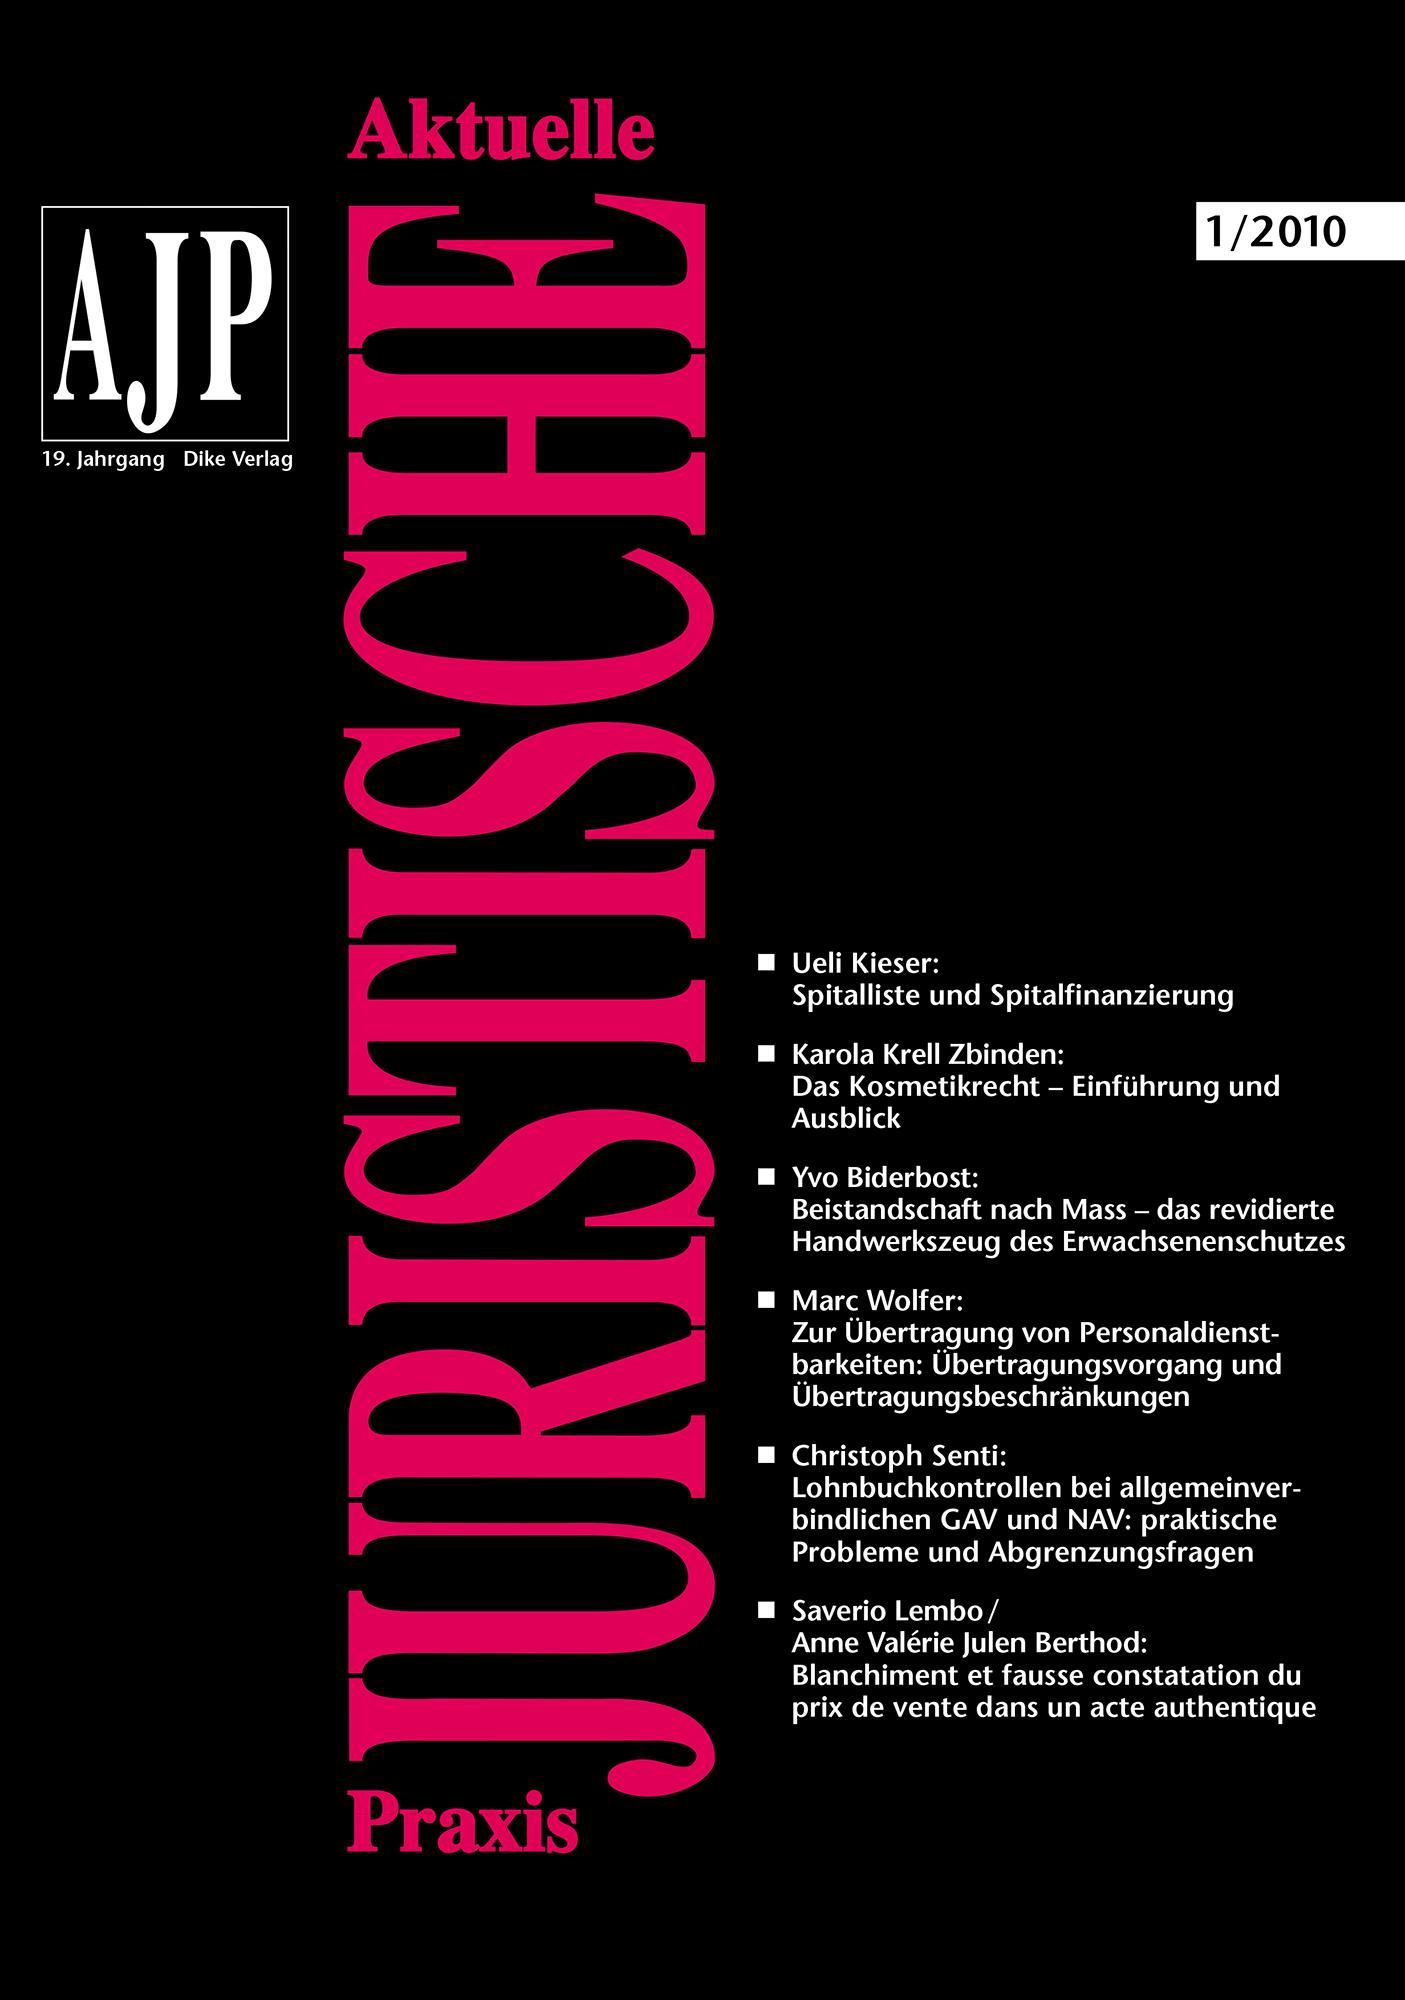 AJP/PJA 01/2010